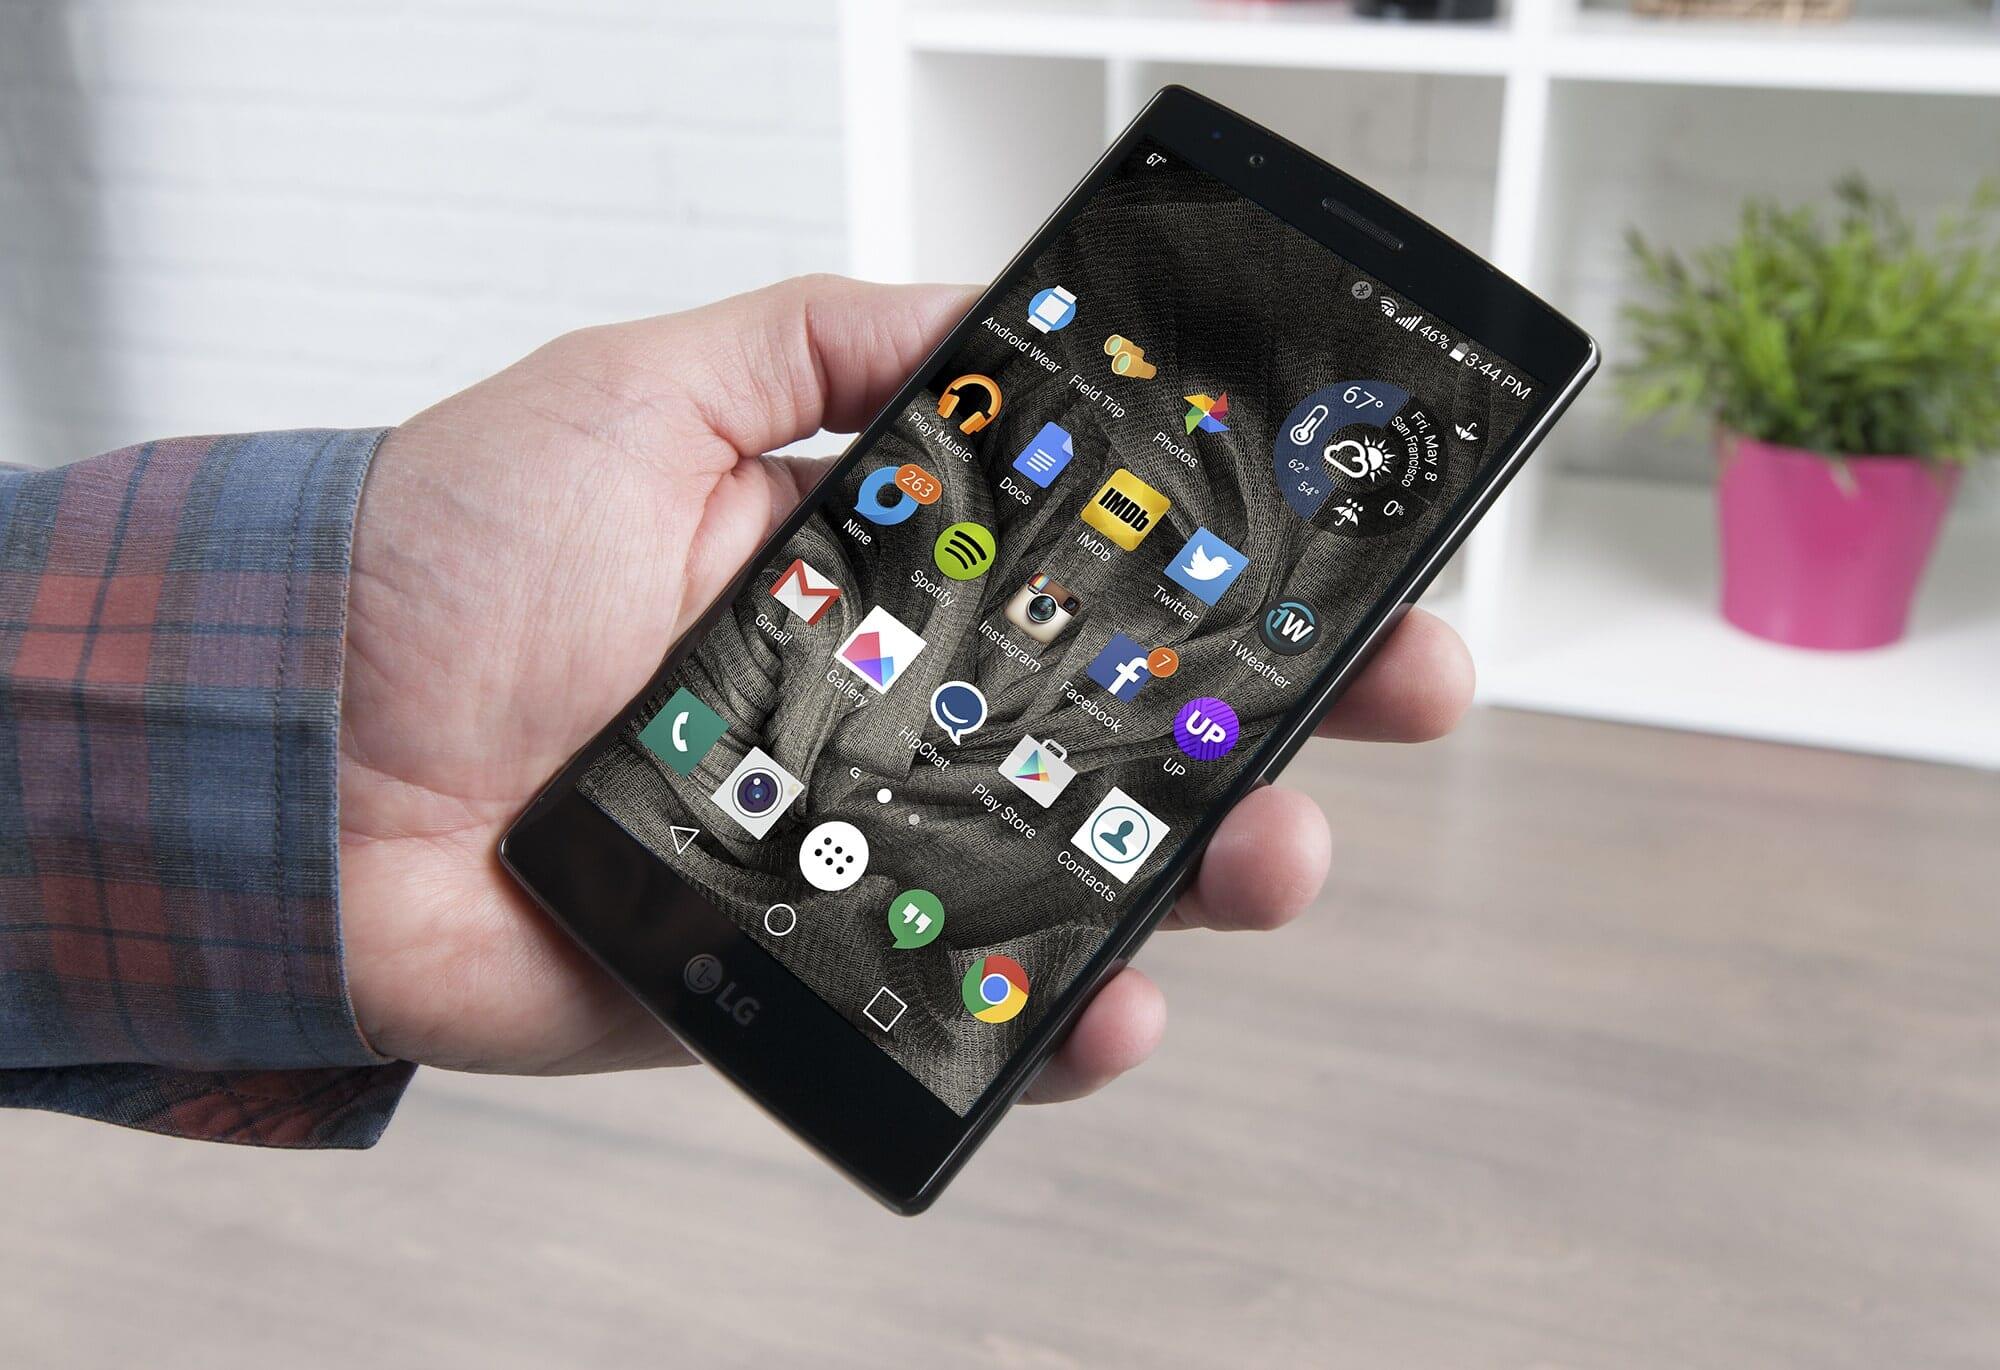 LG G4 modelindeki kronik Wi-fi sorunu ve çözümü